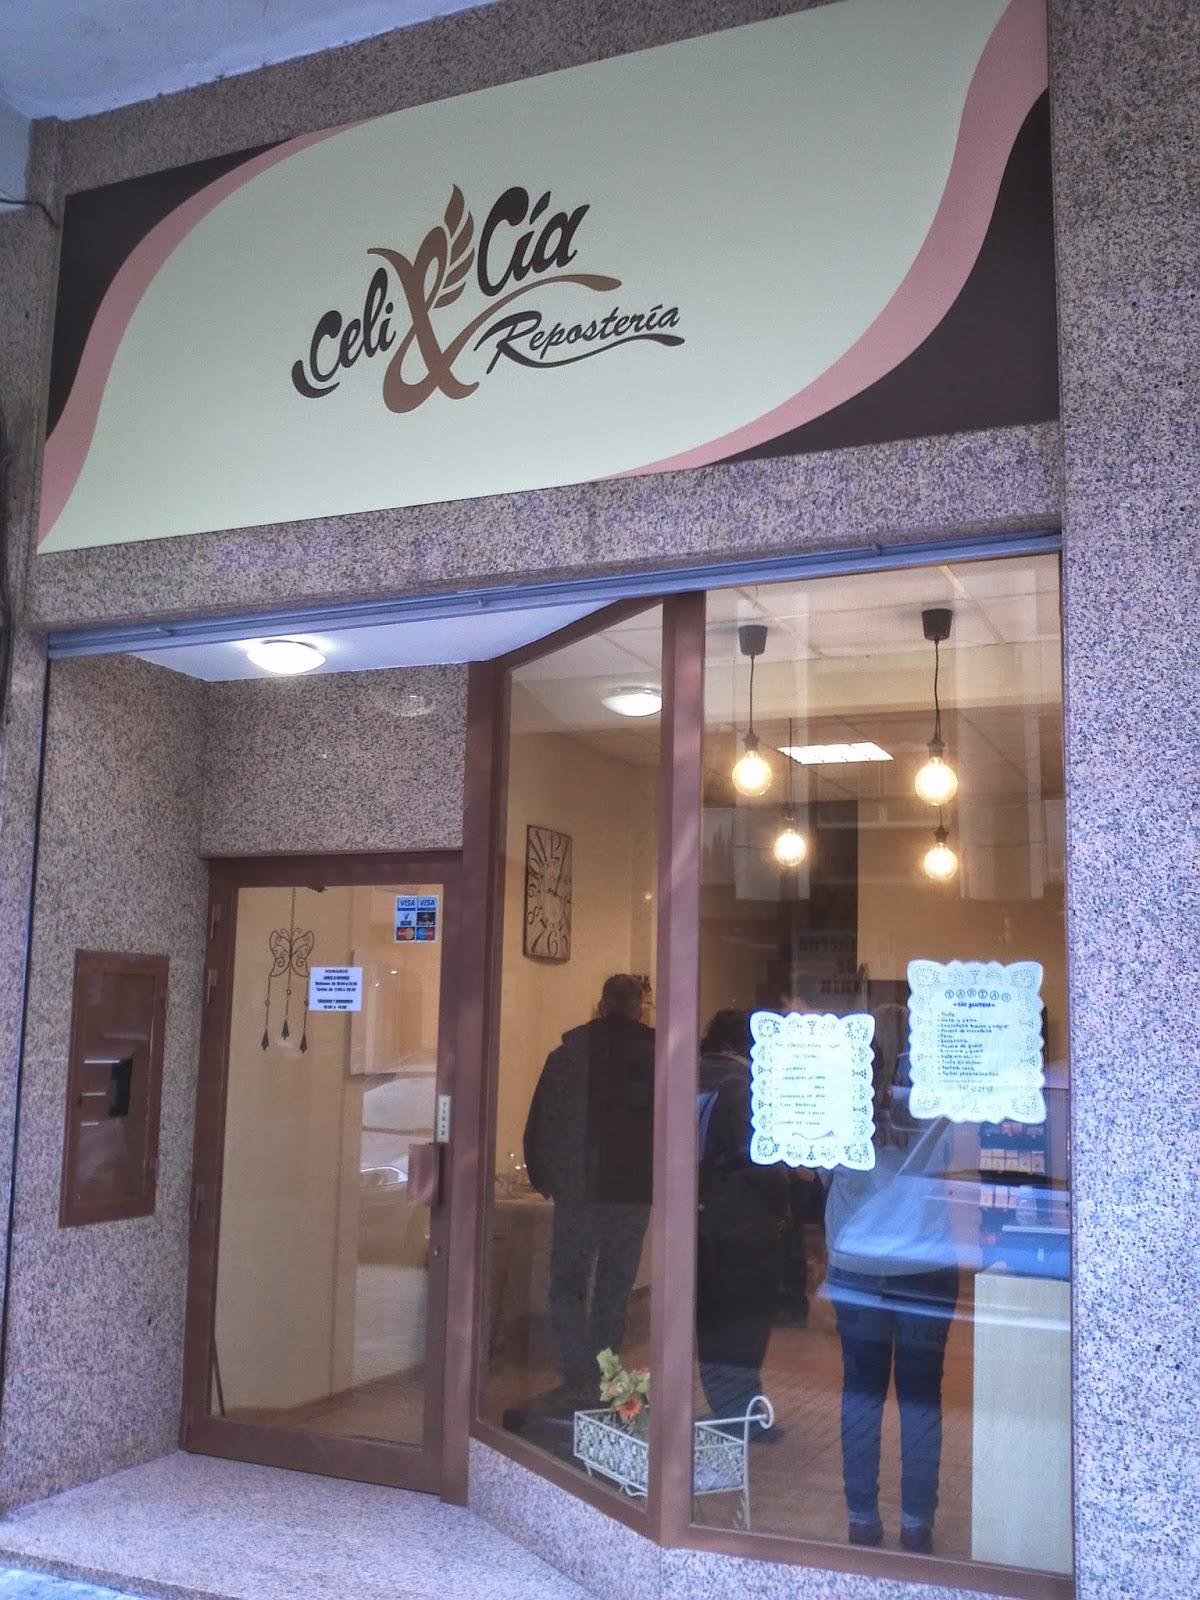 Celi&Cia Bakery